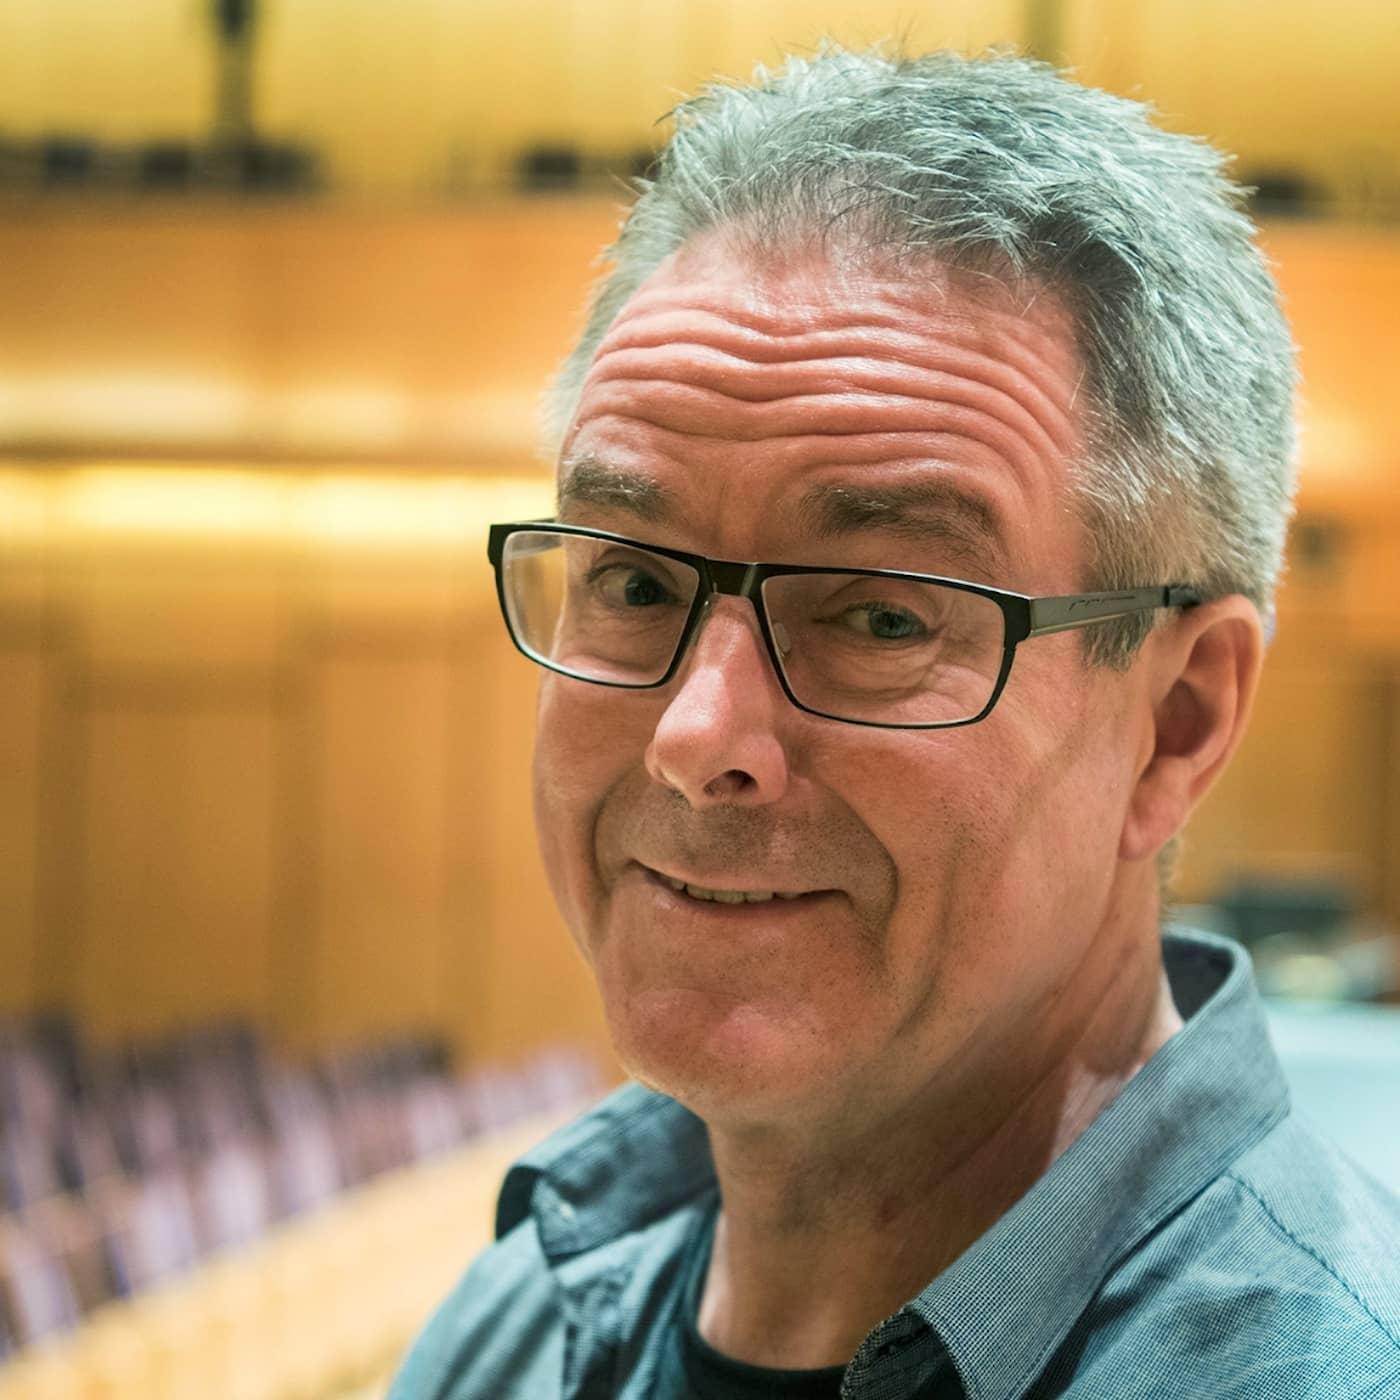 Nils Henrik Asheim skrev musik av samernas ord för snö. Vann Nordiska Rådets musikpris 2018.